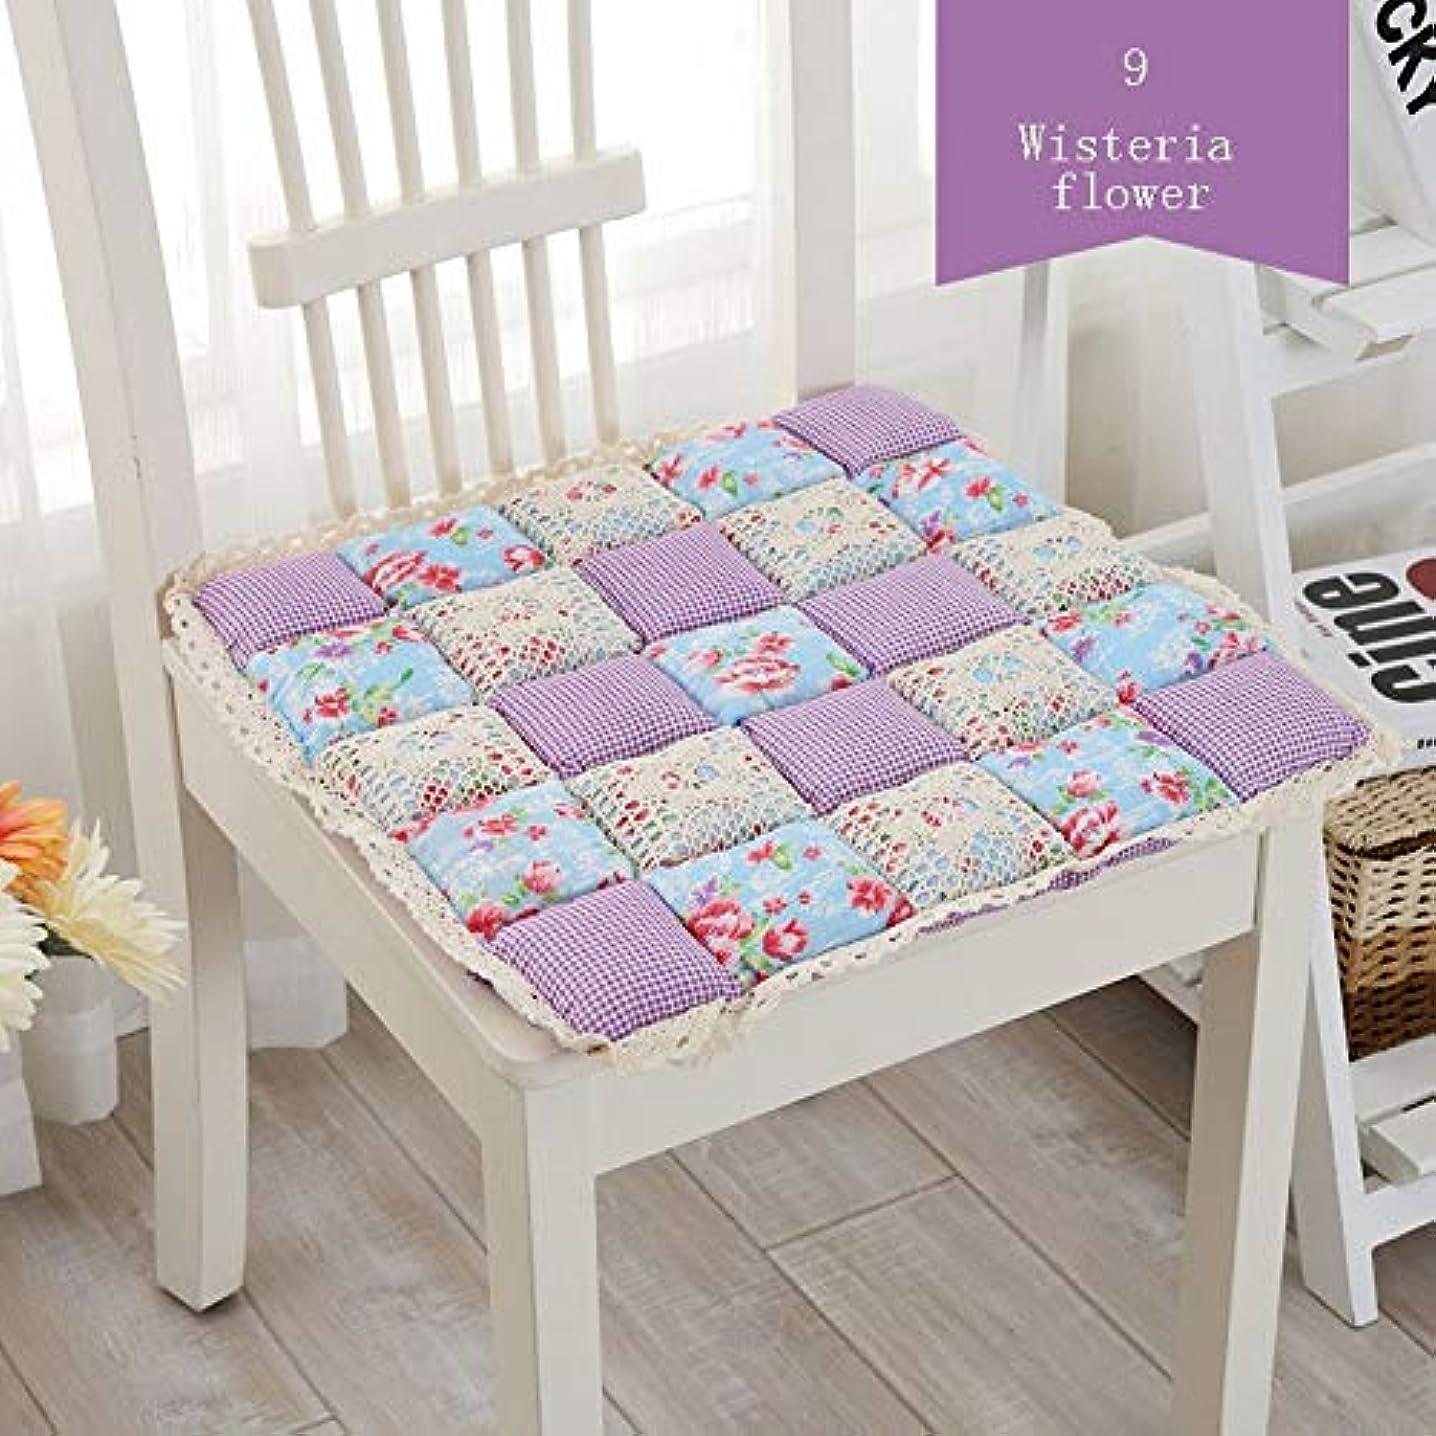 金銭的挽く現象LIFE 1 個抗褥瘡綿椅子クッション 24 色ファッションオフィス正方形クッション学生チェアクッション家の装飾厚み クッション 椅子